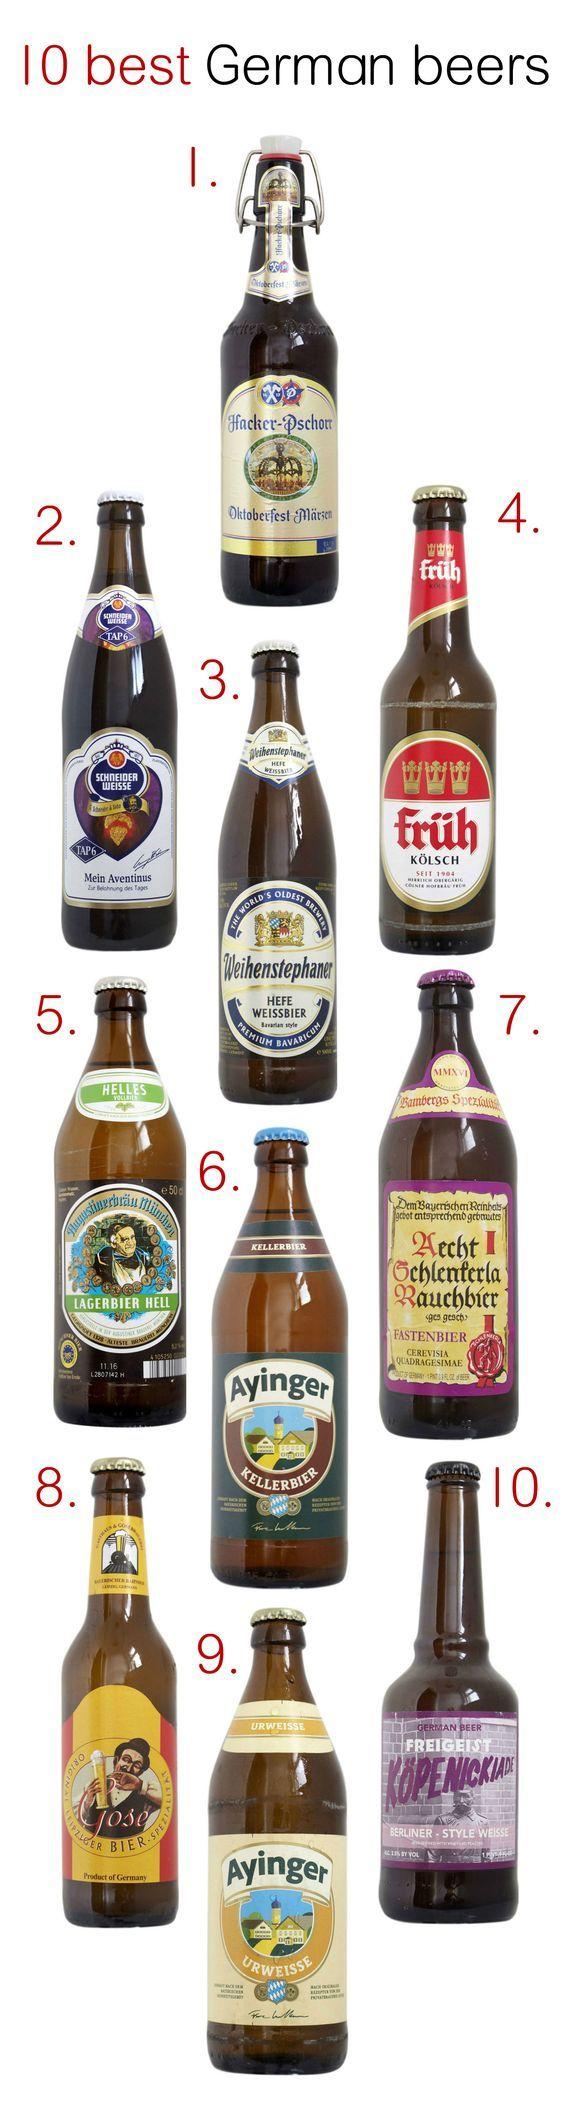 Put on your Lederhosen and grab a stein, because Oktoberfest is almost upon us. Here are the best beers from Germany: 1. Hacker-Pschorr Oktoberfest Märzen 2. Schneider Weisse Tap 6 3. Weihenstephan Hefe Weissbier 4. Fruh Kolsch 5. Augustiner Helles 6. Ayinger Urweisse 7. Brauerie Heller, Aecht Schlenkerla Rauchbier Fastenbier 8. Bayerischer Banhof Original Leipziger Gose 9. Ayinger Kellerbier 10. Freigeist Kopenickiade. Get all the info here: http://ind.pn/2c9NueH